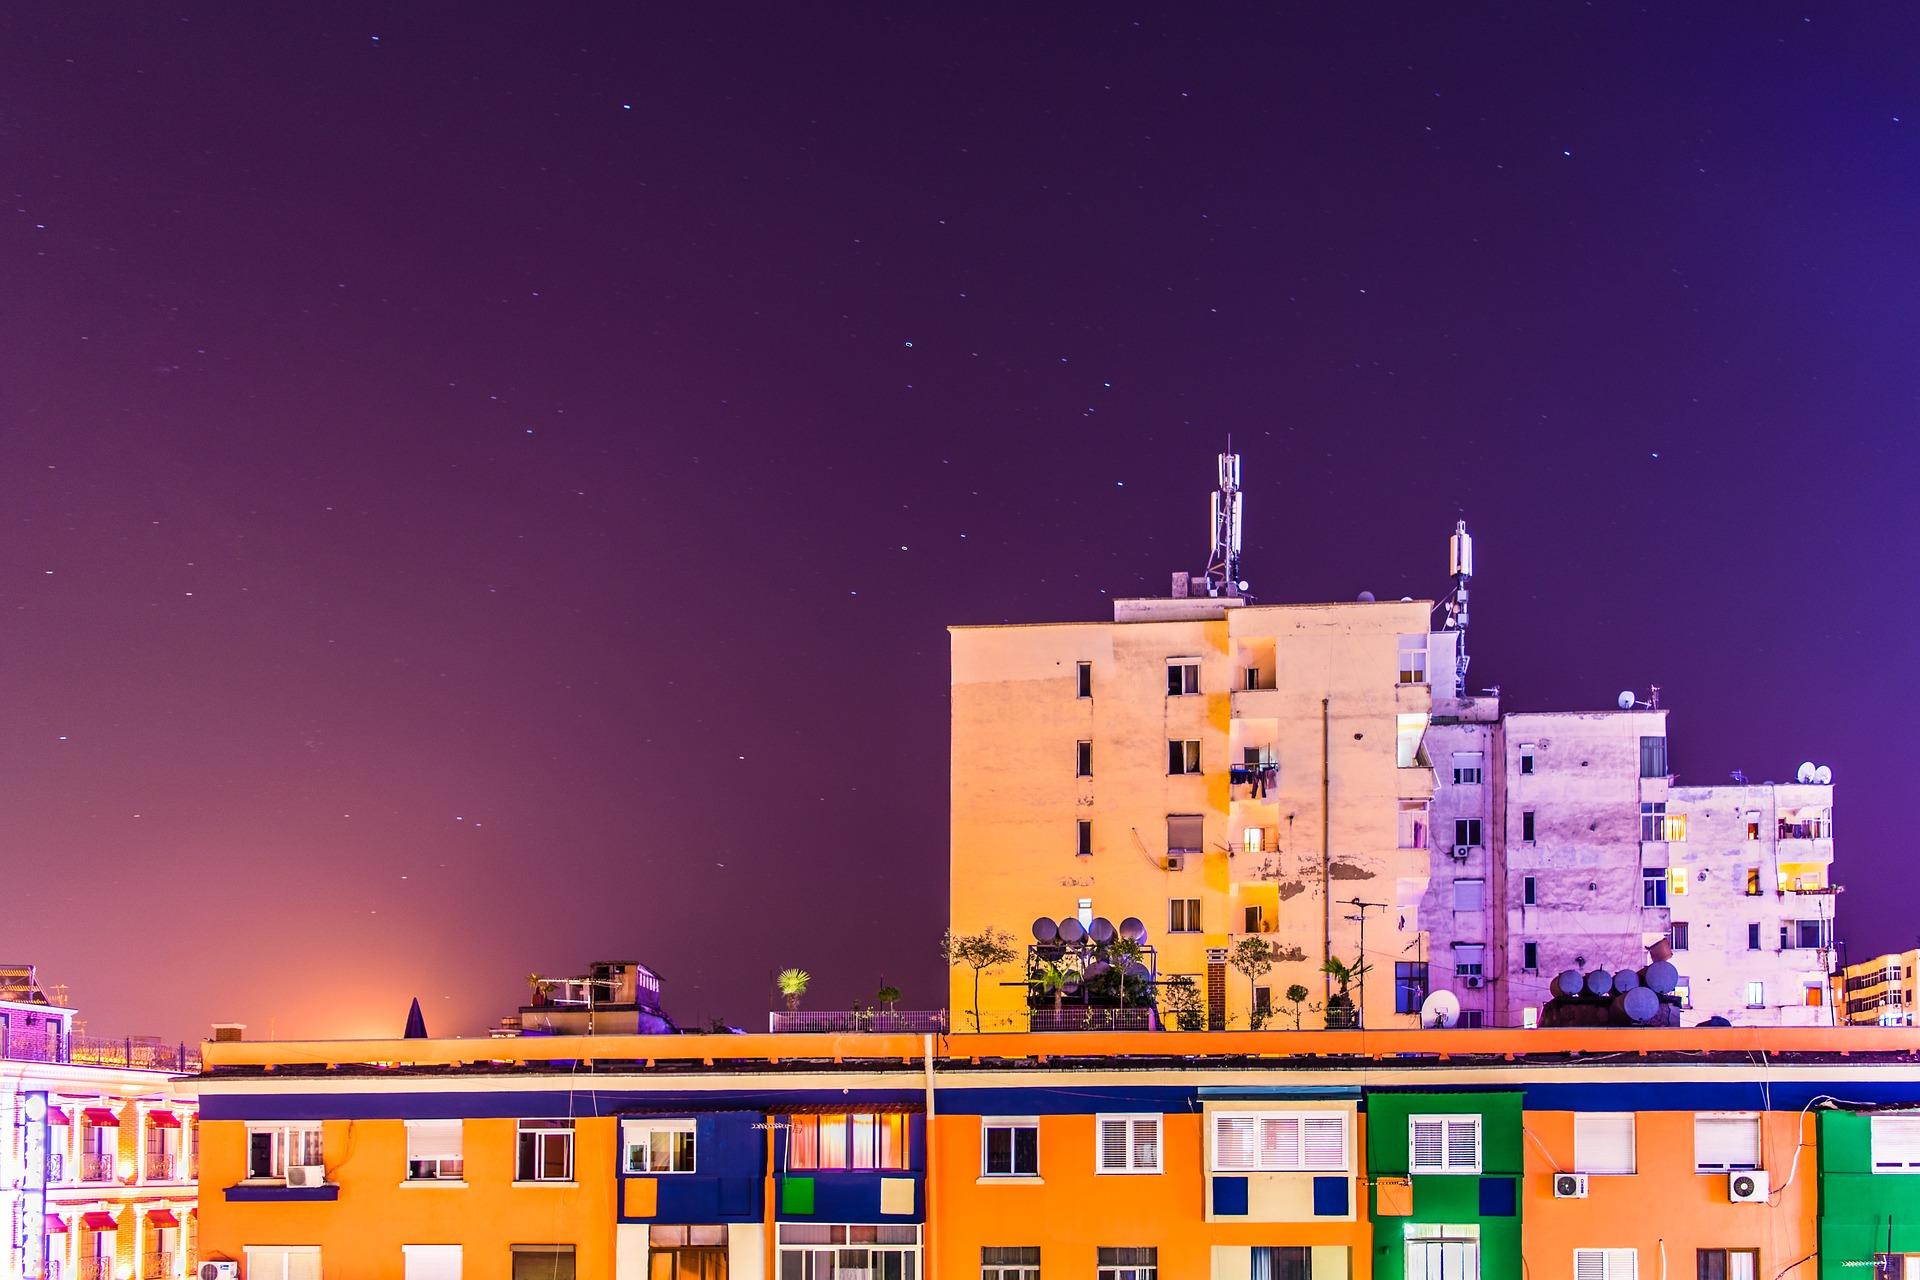 Städtereise Tirana in die Hauptstadt Albanien's ab 293,00€ Flug & Hotel